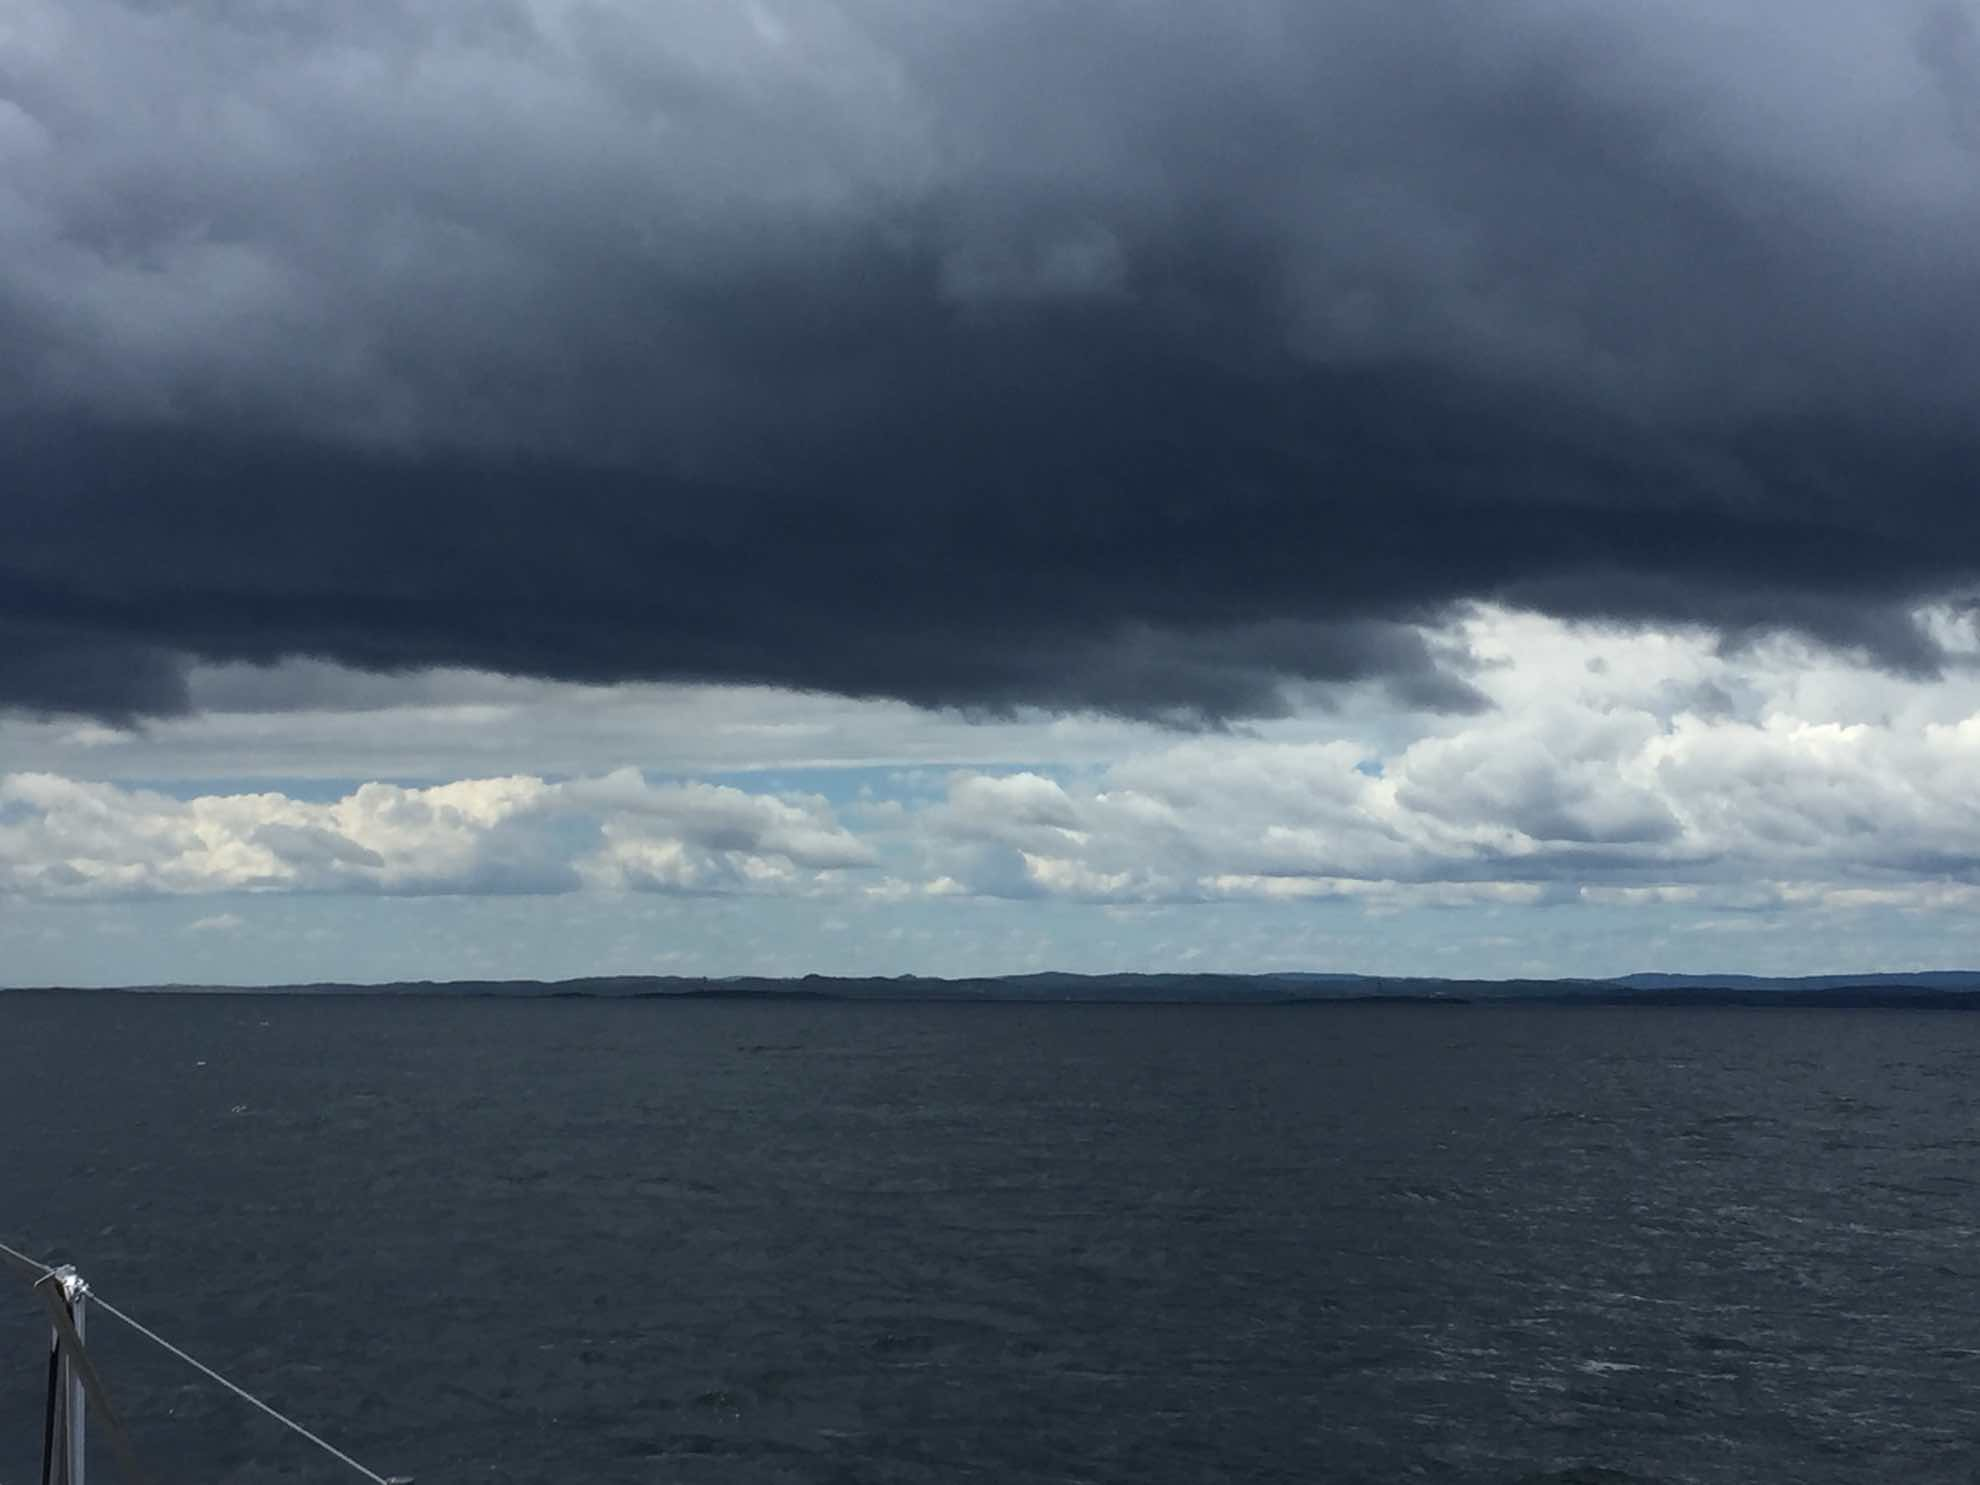 Die Fahrt an der norwegischen Küste entlang beginnt mit düsterem Himmel.